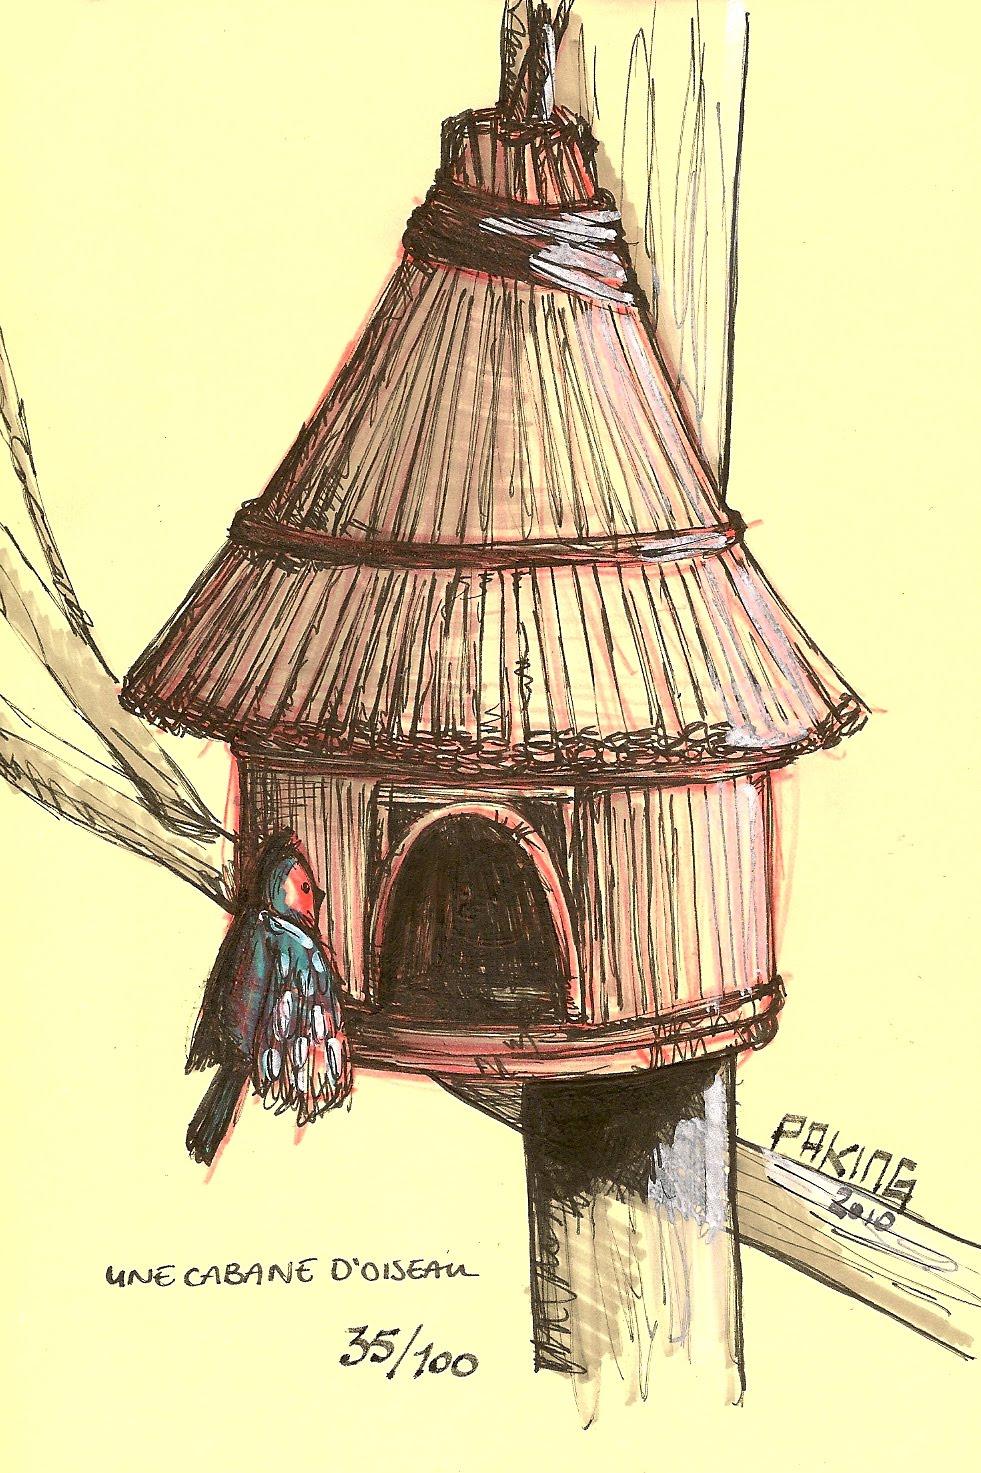 le blogue des 100 dessins une cabane d 39 oiseau 35 100. Black Bedroom Furniture Sets. Home Design Ideas